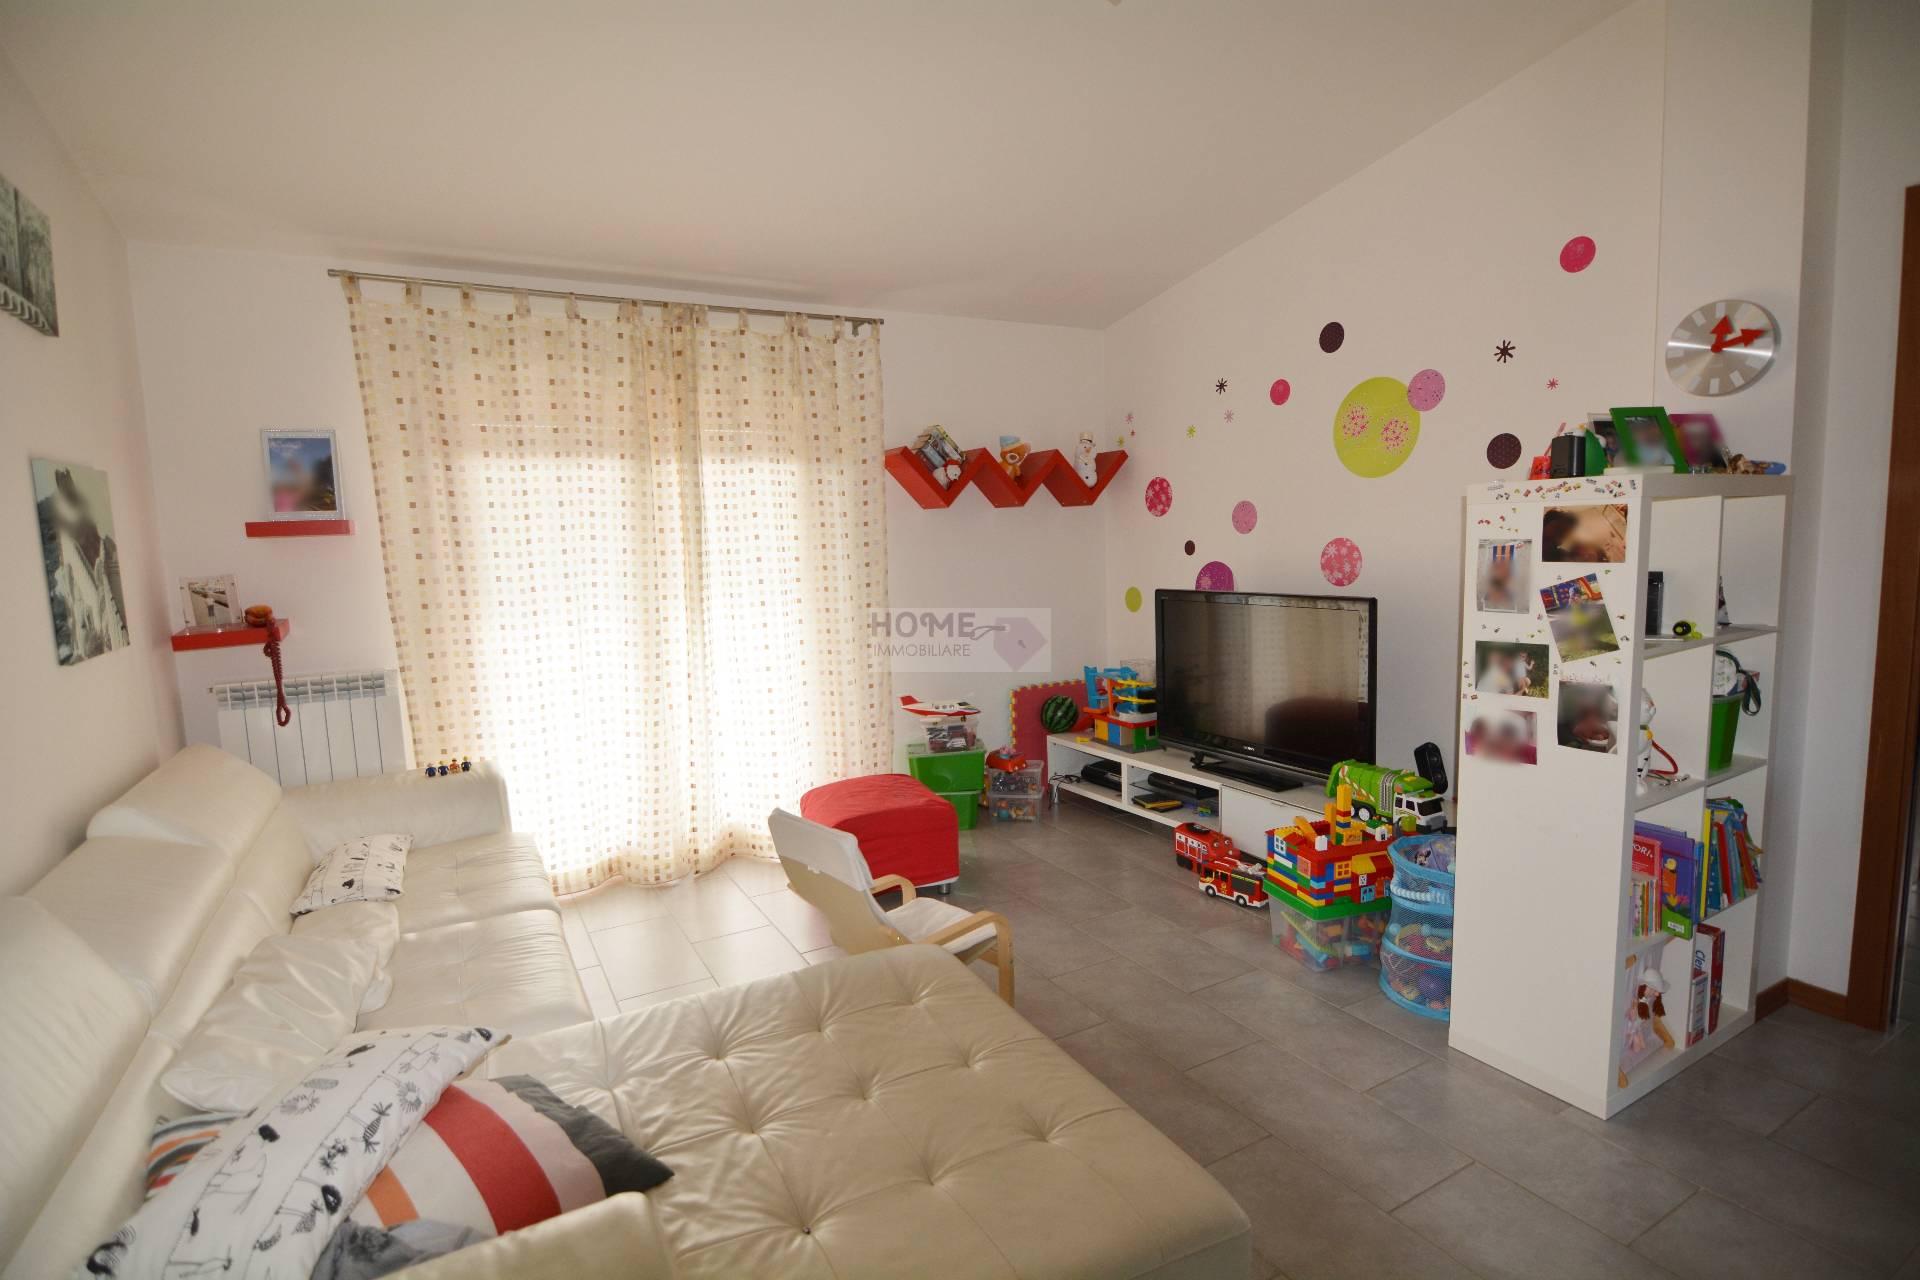 Appartamento in vendita a Corridonia, 6 locali, zona Località: ZonaIndustriale, prezzo € 180.000 | Cambio Casa.it